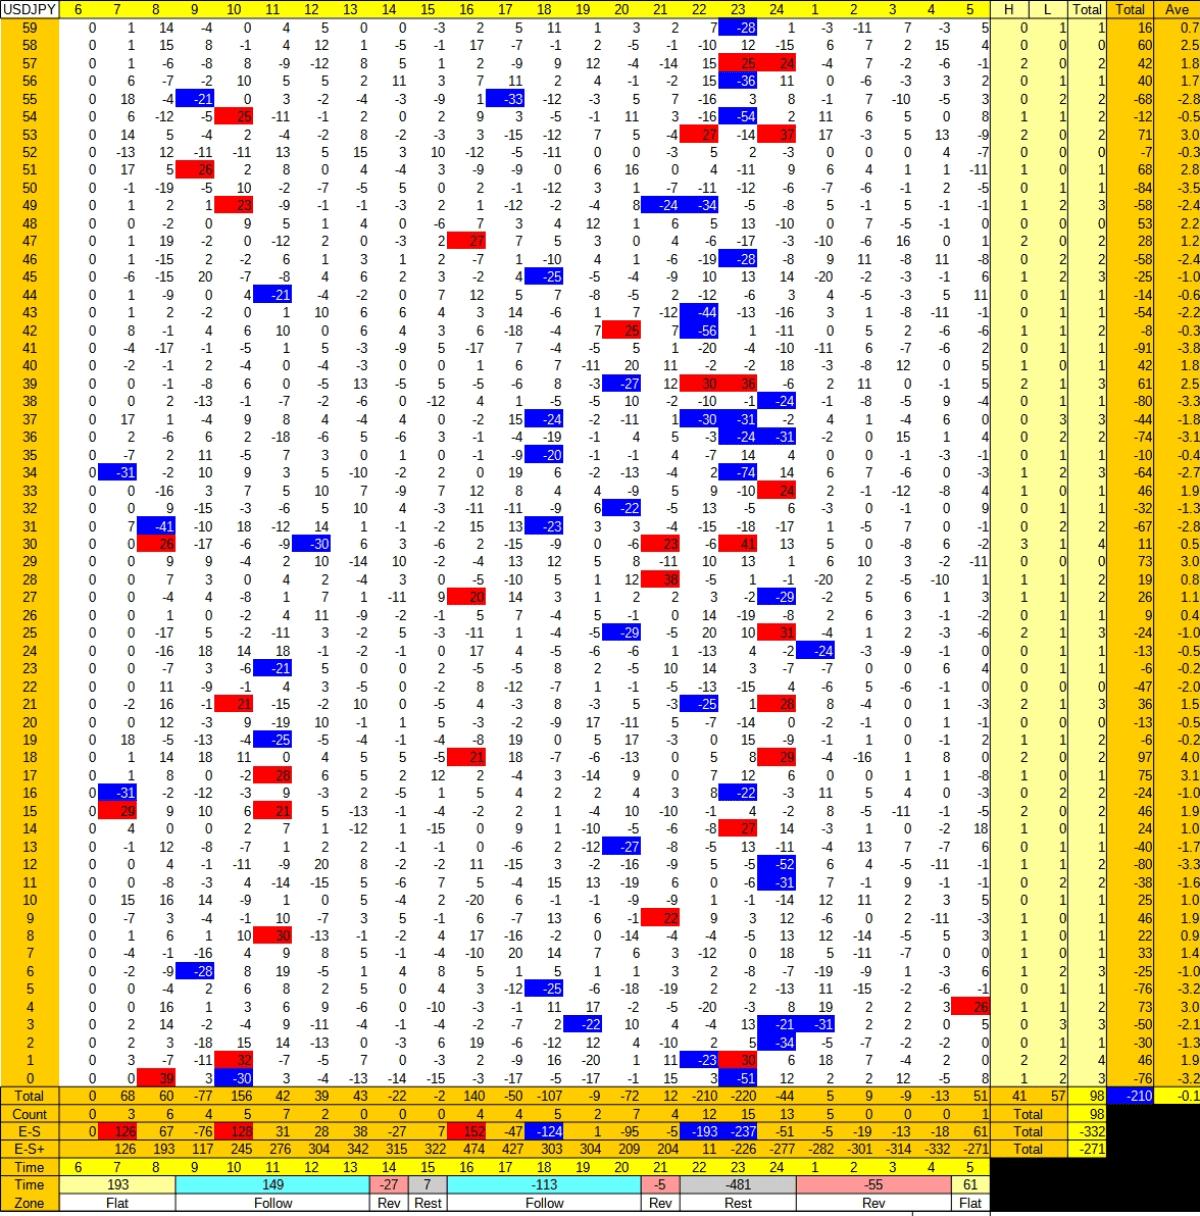 20210222_HS(1)USDJPY-min